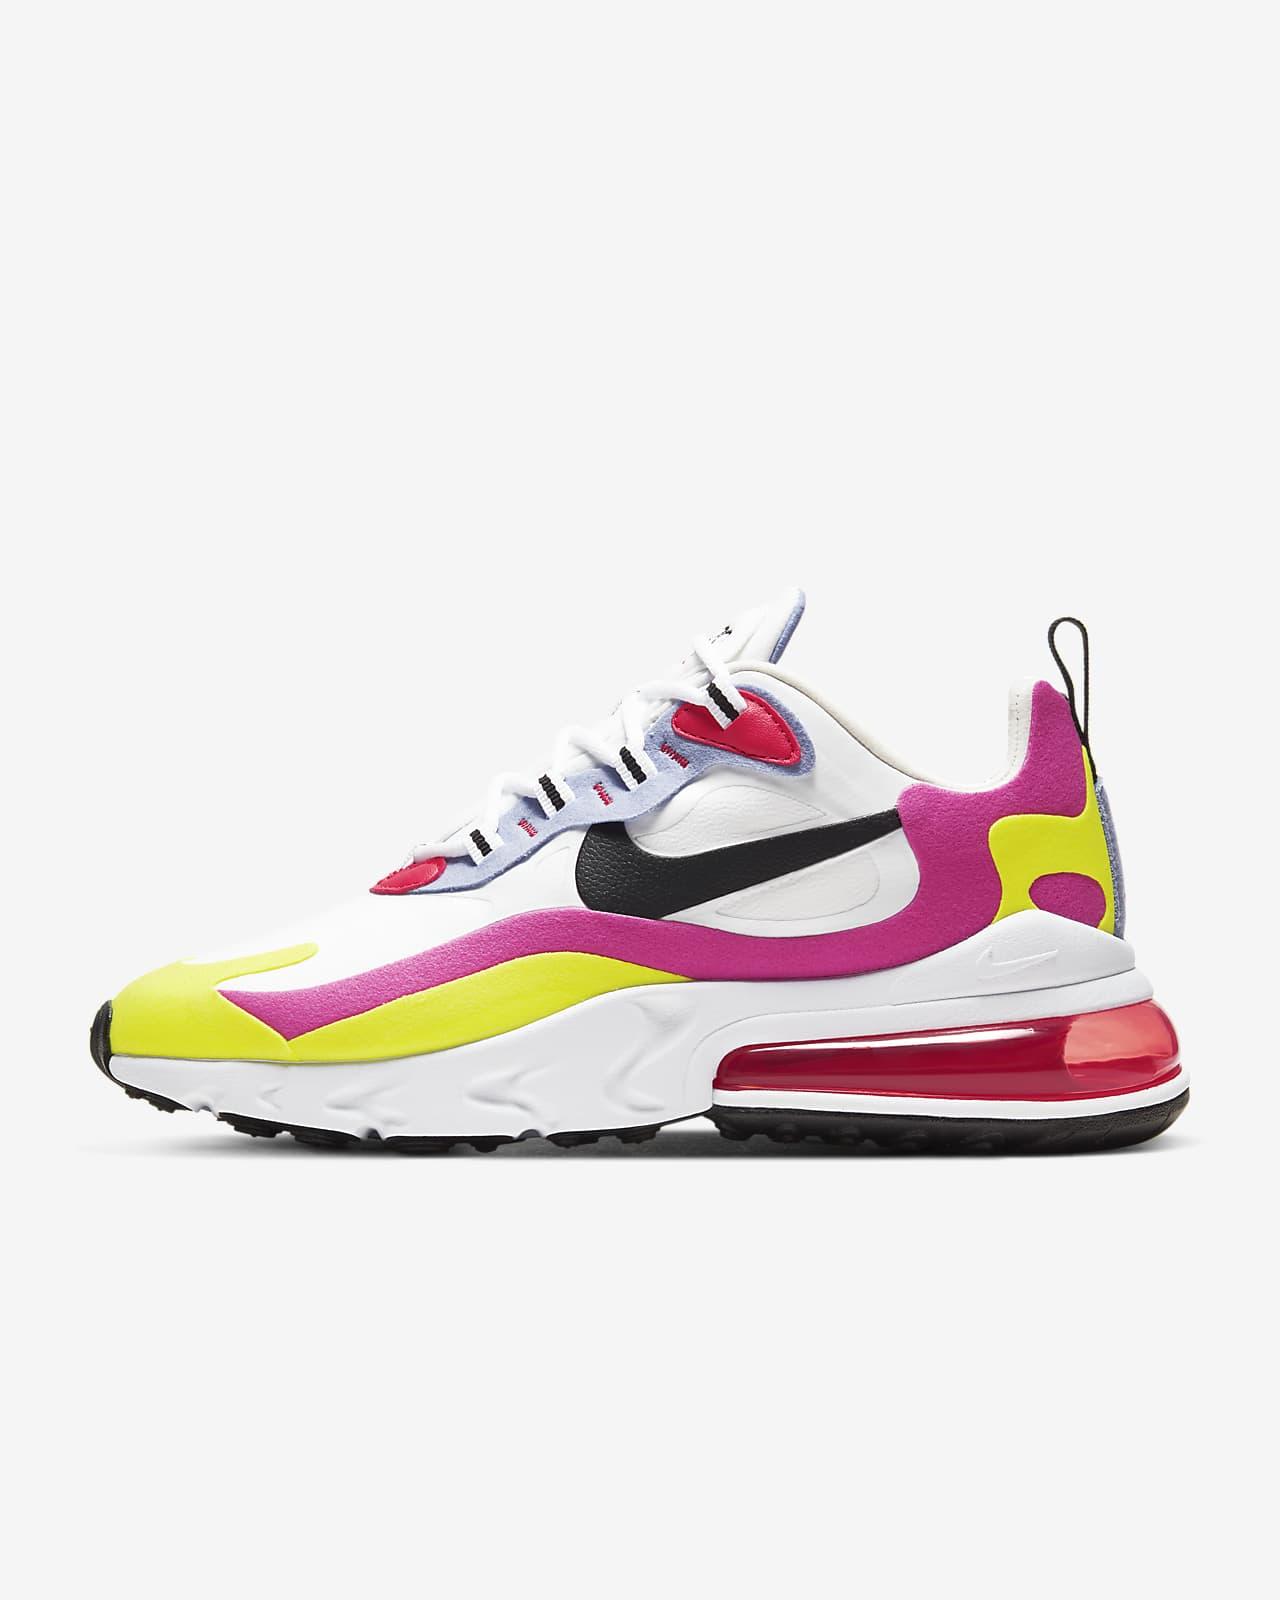 nike air max 270 mujer zapatillas nuevas